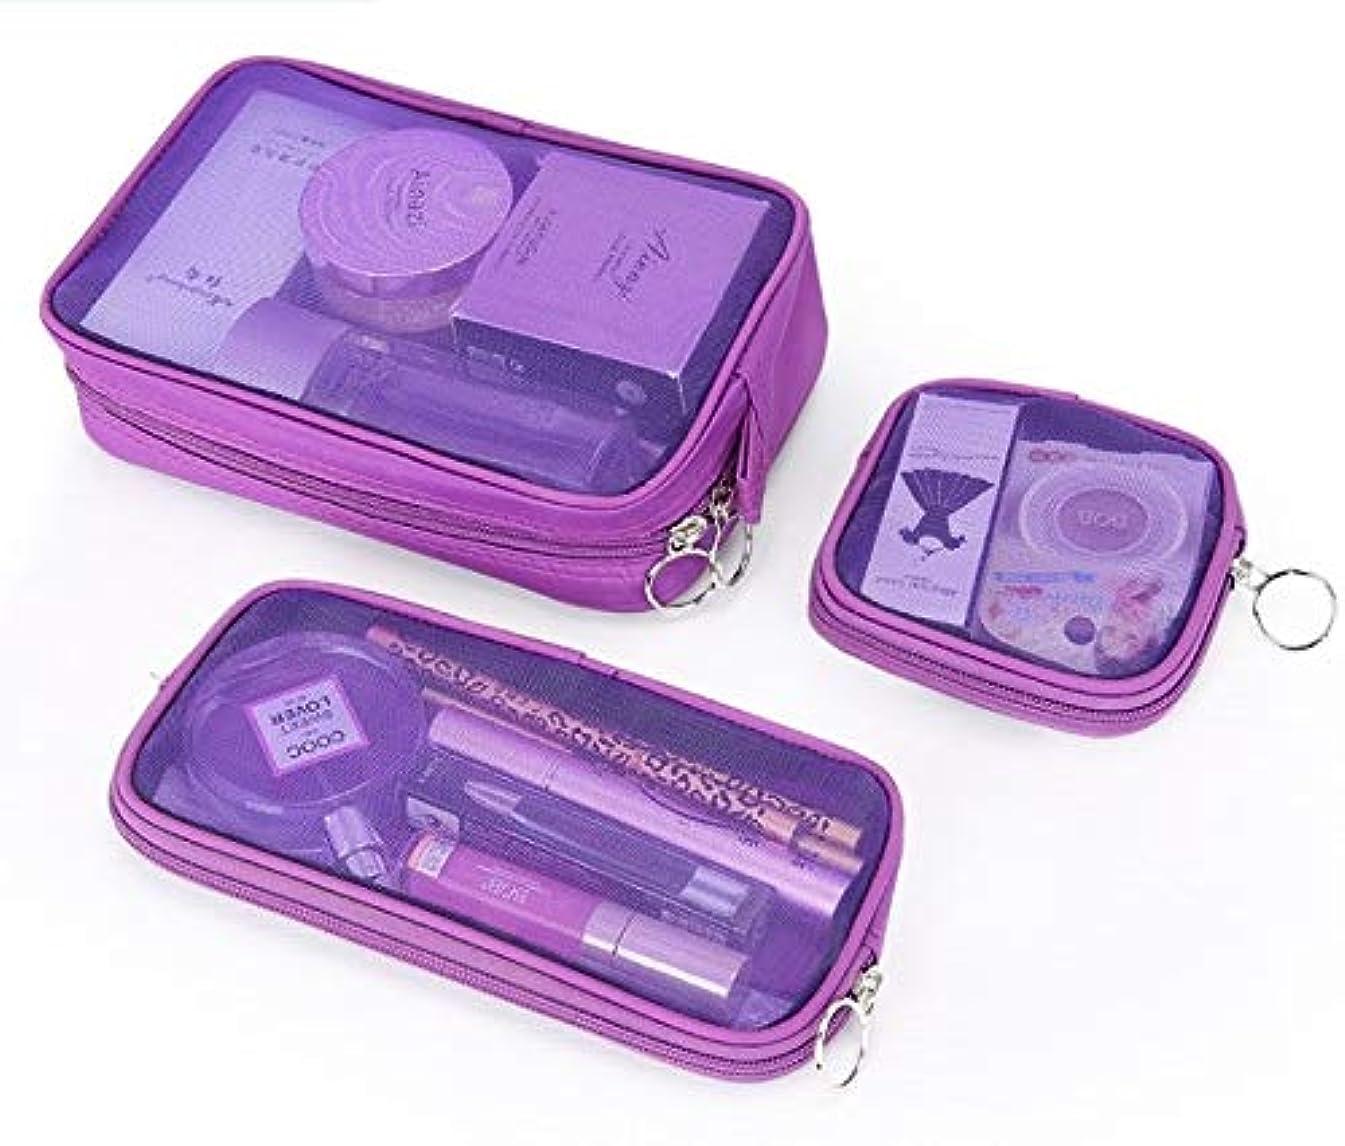 キャンパスレイ試み化粧箱、3の透明メッシュ化粧品袋セット、ポータブル旅行化粧品袋収納袋、美容ネイルジュエリー収納ボックス (Color : Purple)